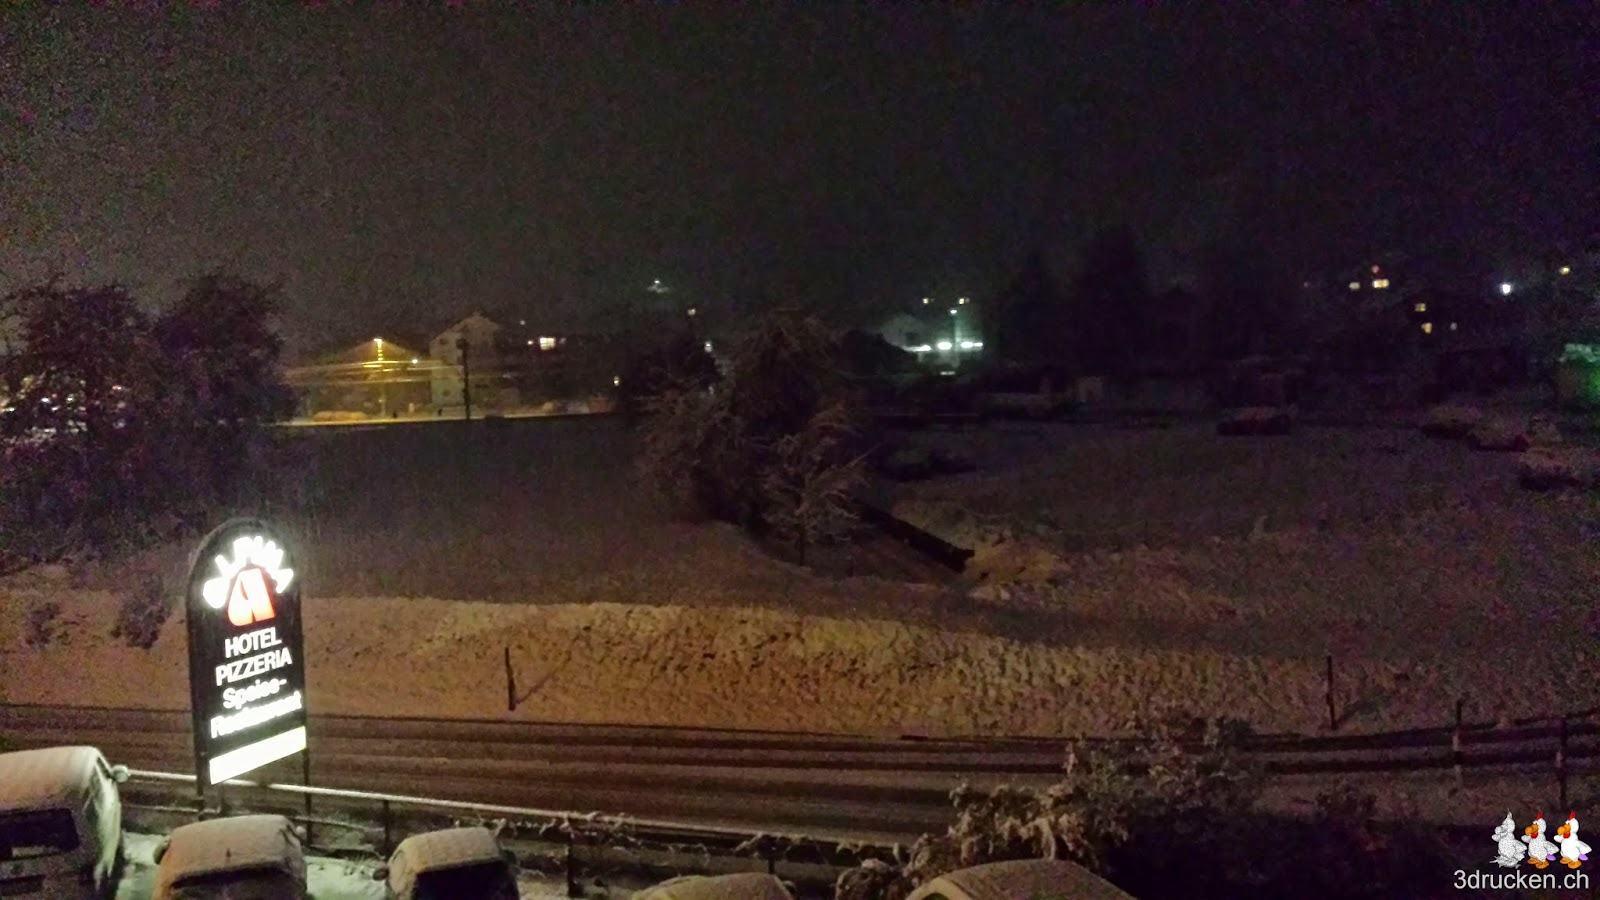 Foto der verschneiten Umgebung bei Nacht vom Hotelfenster aus